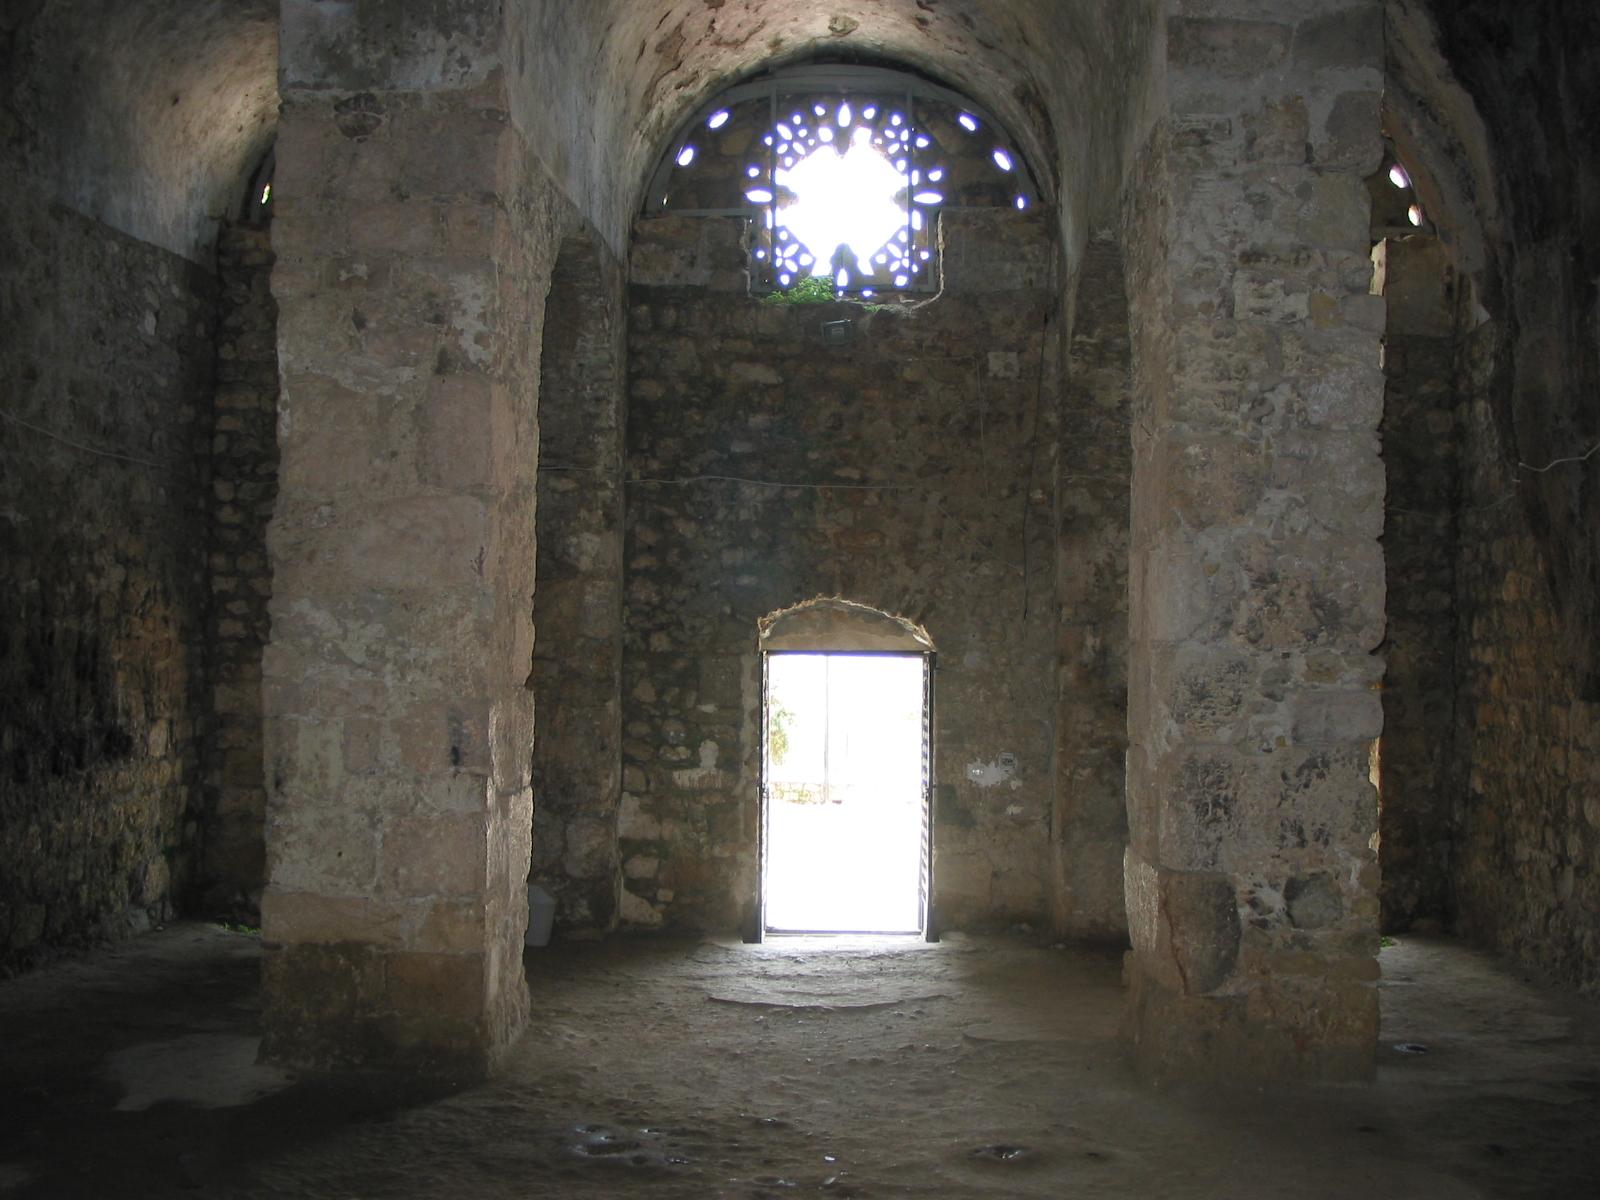 File:Antioch Saint Pierre Church Inside.JPG